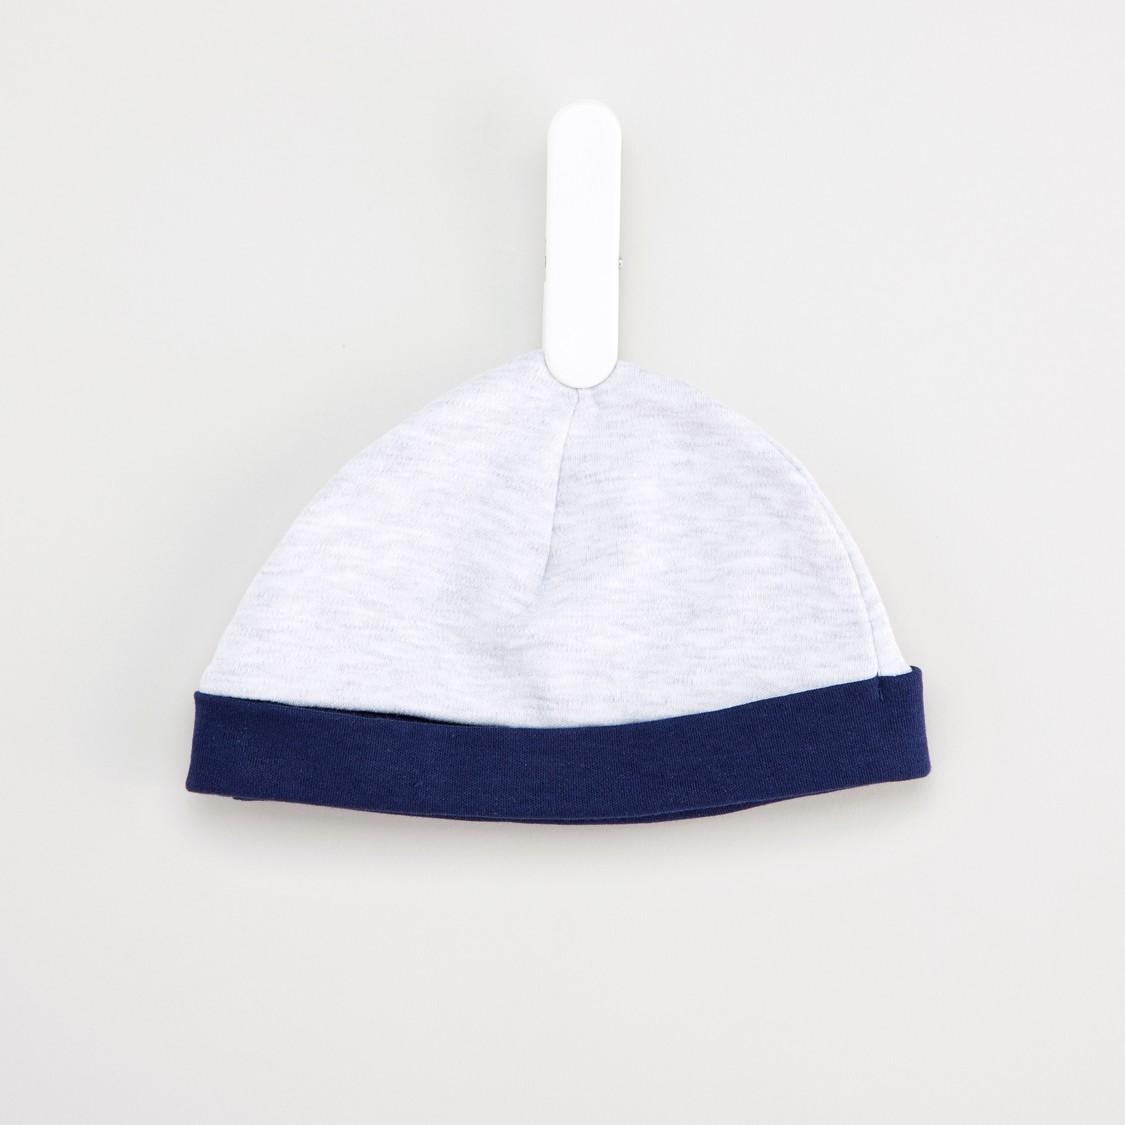 طقم نوم بأكمام طويلة وطبعات مع قبعة